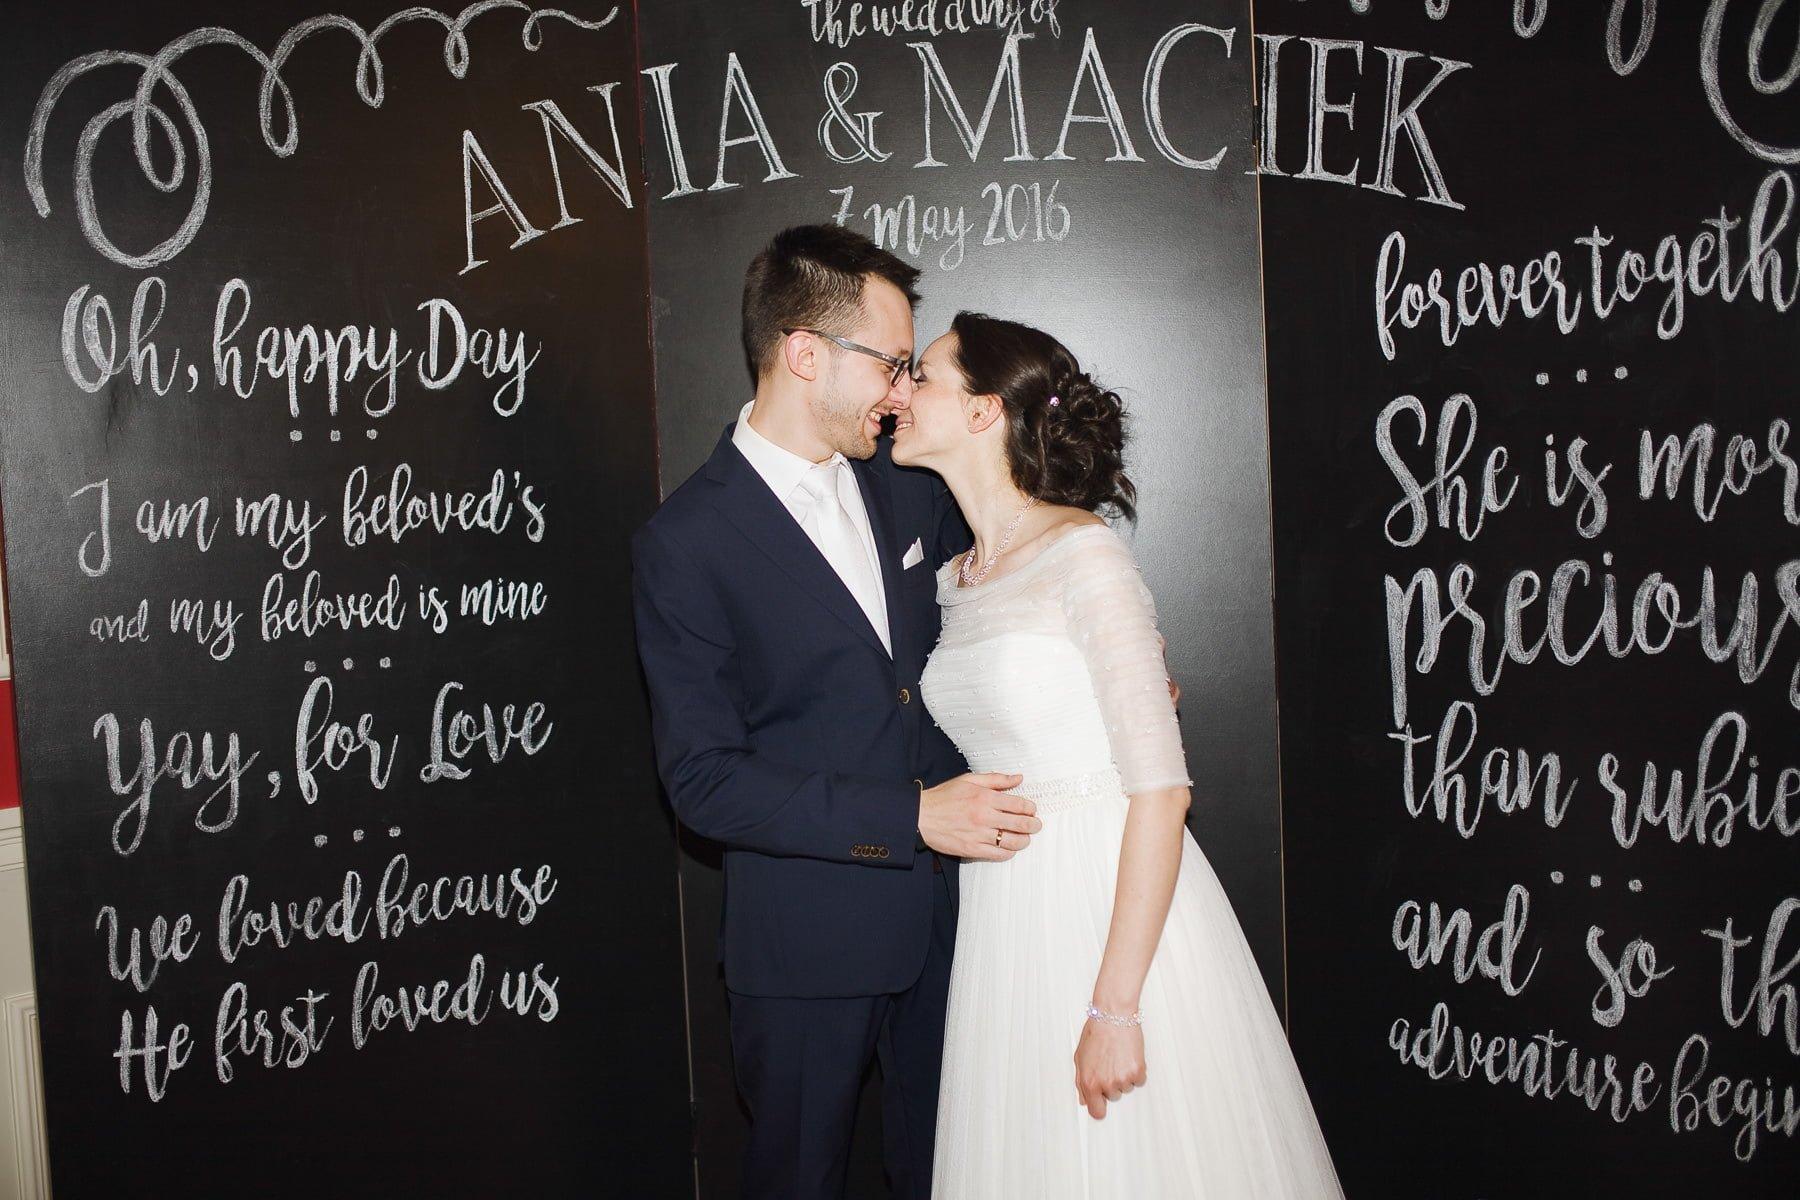 fotograf slub bielsko biala ania maciej 108 - Ślub w Bielsku-Białej - ANIA & MACIEJ